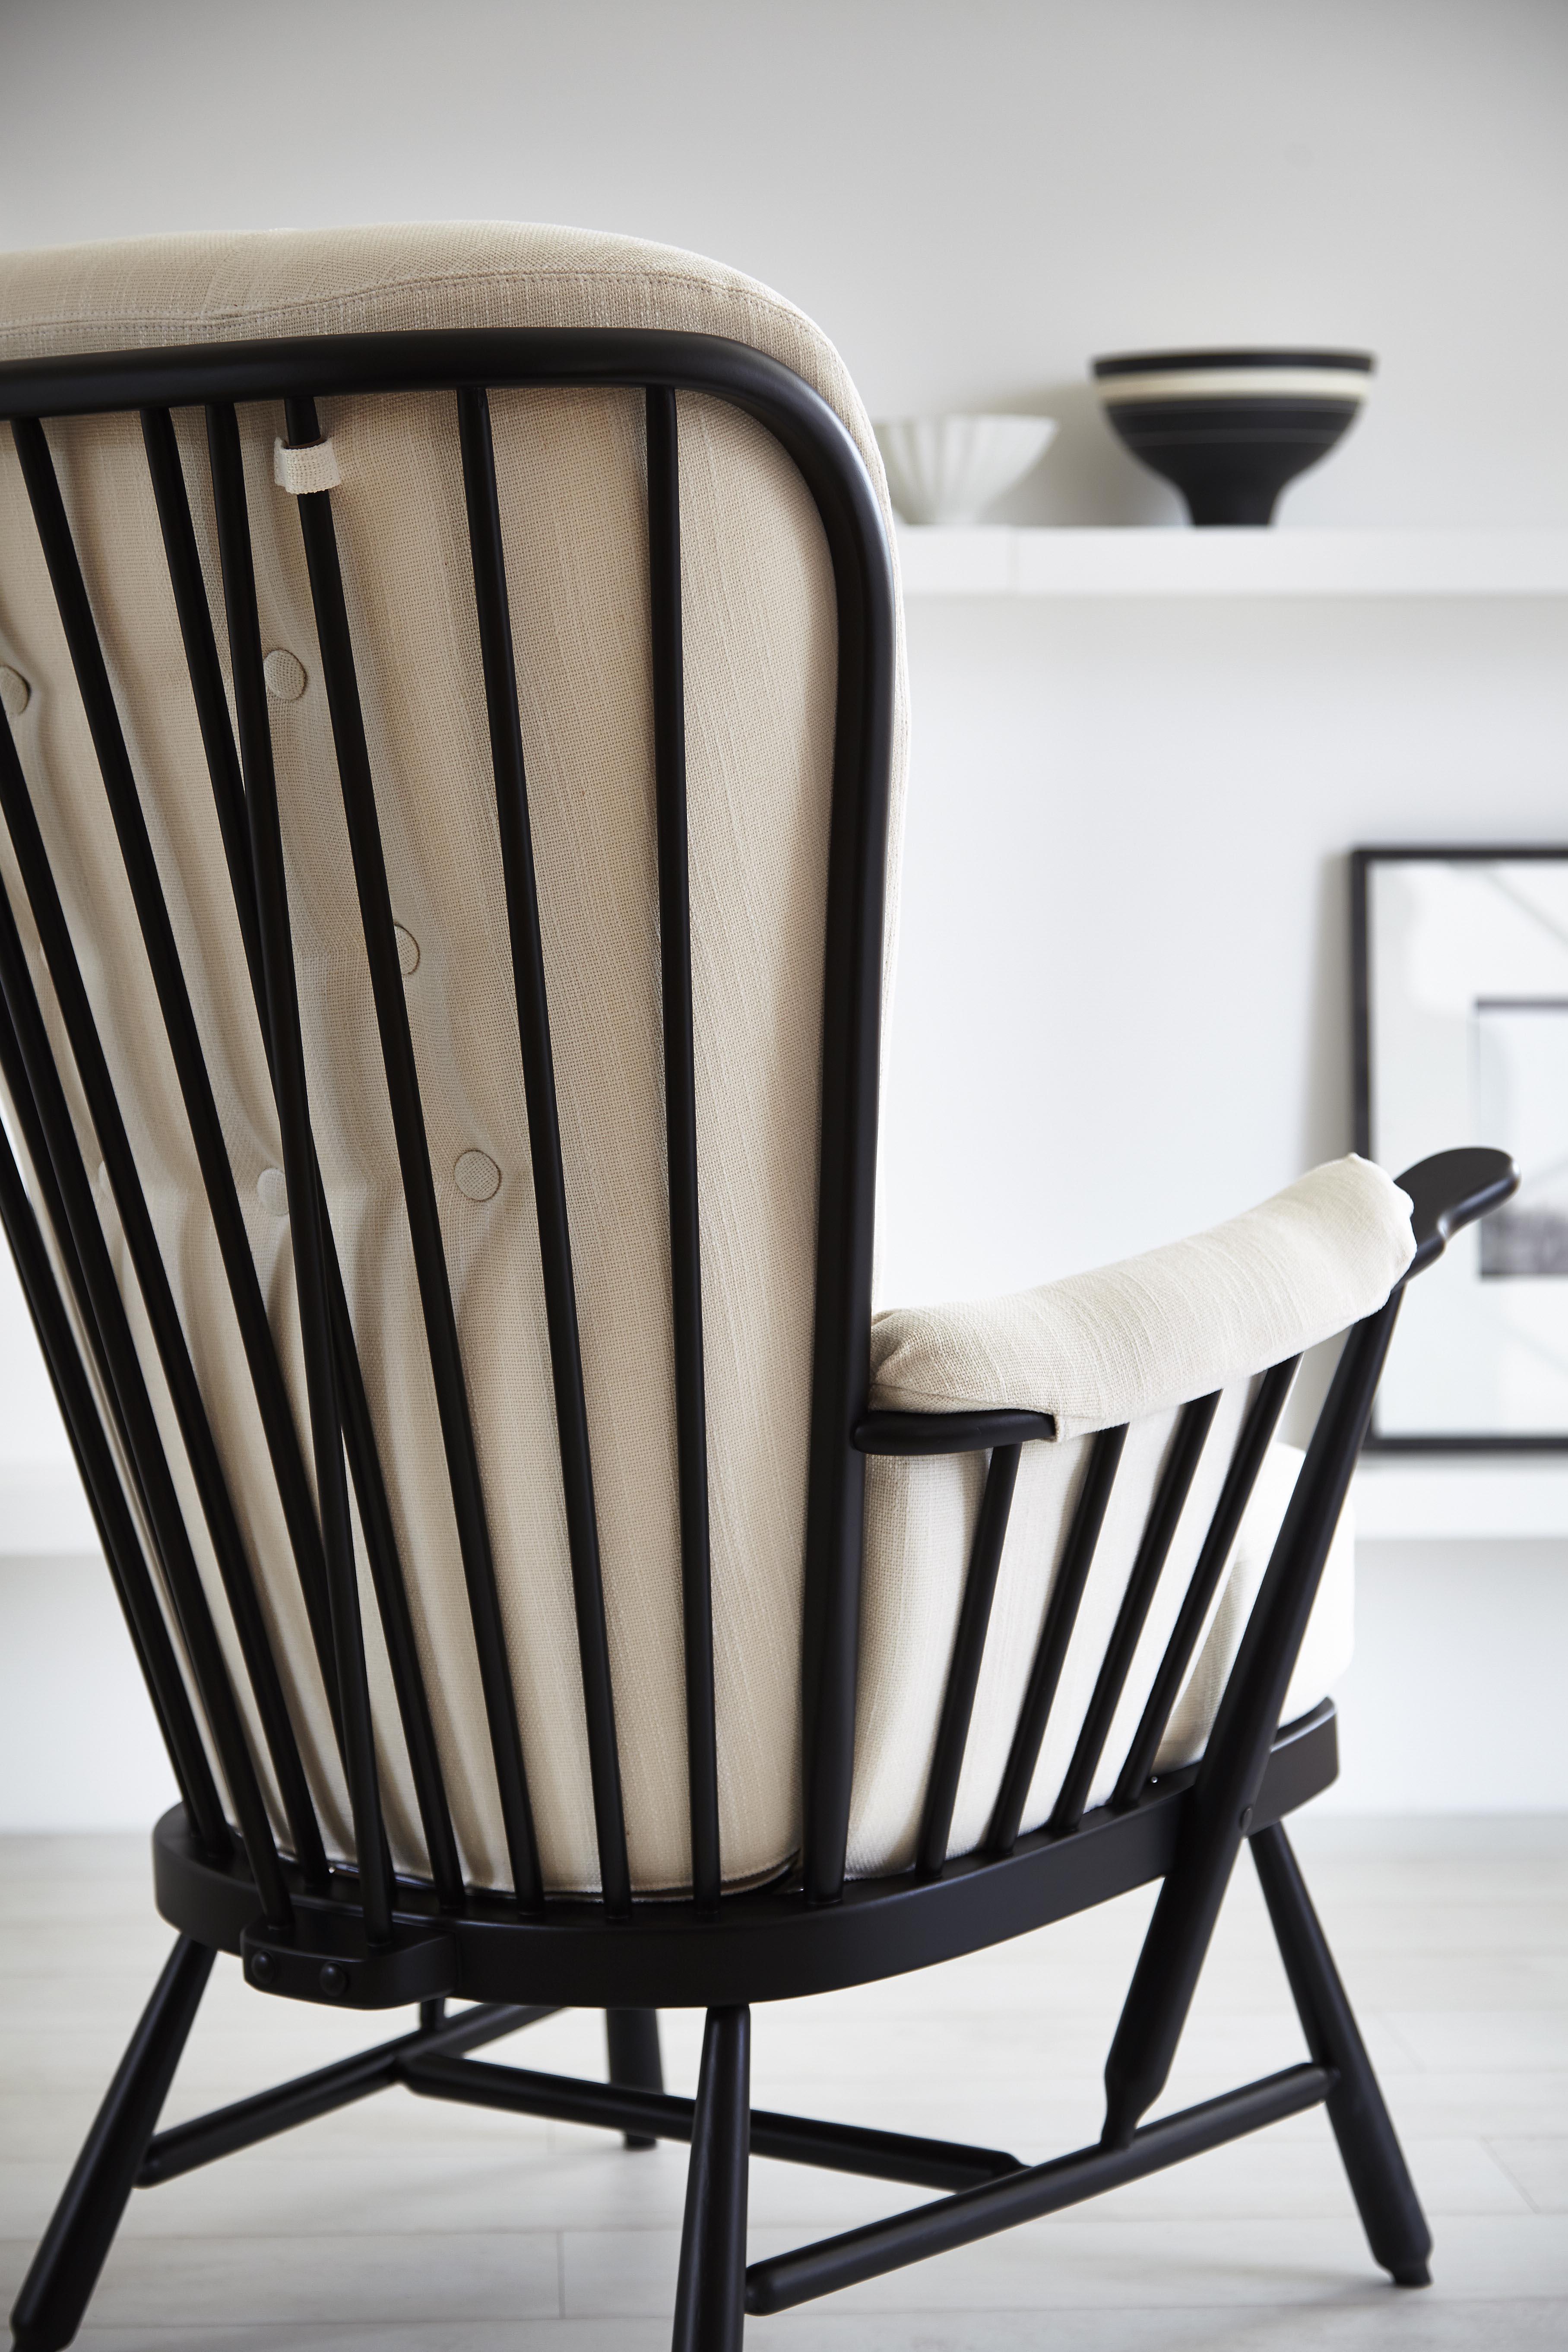 Ercol Evergreen Easy Chair Choice Furniture